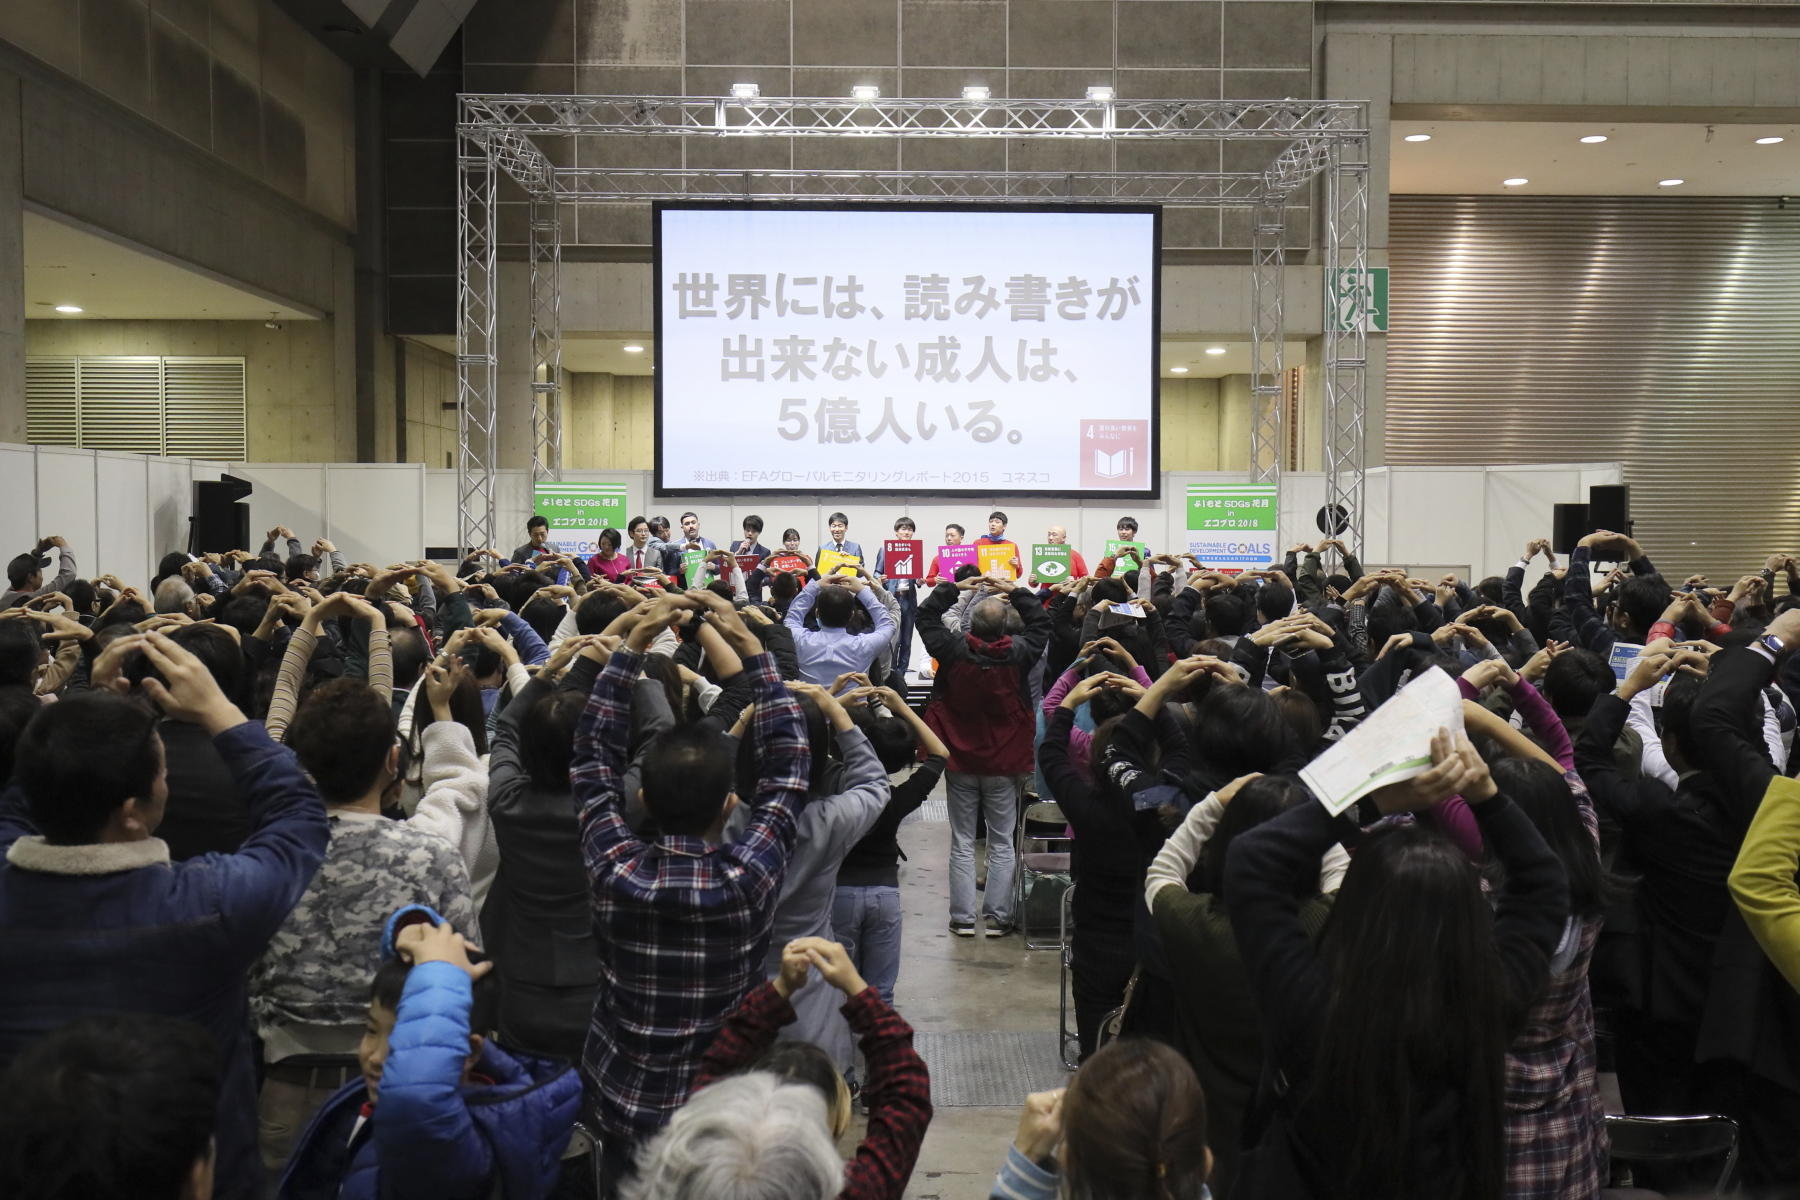 http://news.yoshimoto.co.jp/20181208234037-87d29cb8017f9241764bf241995fc09074981c75.jpg